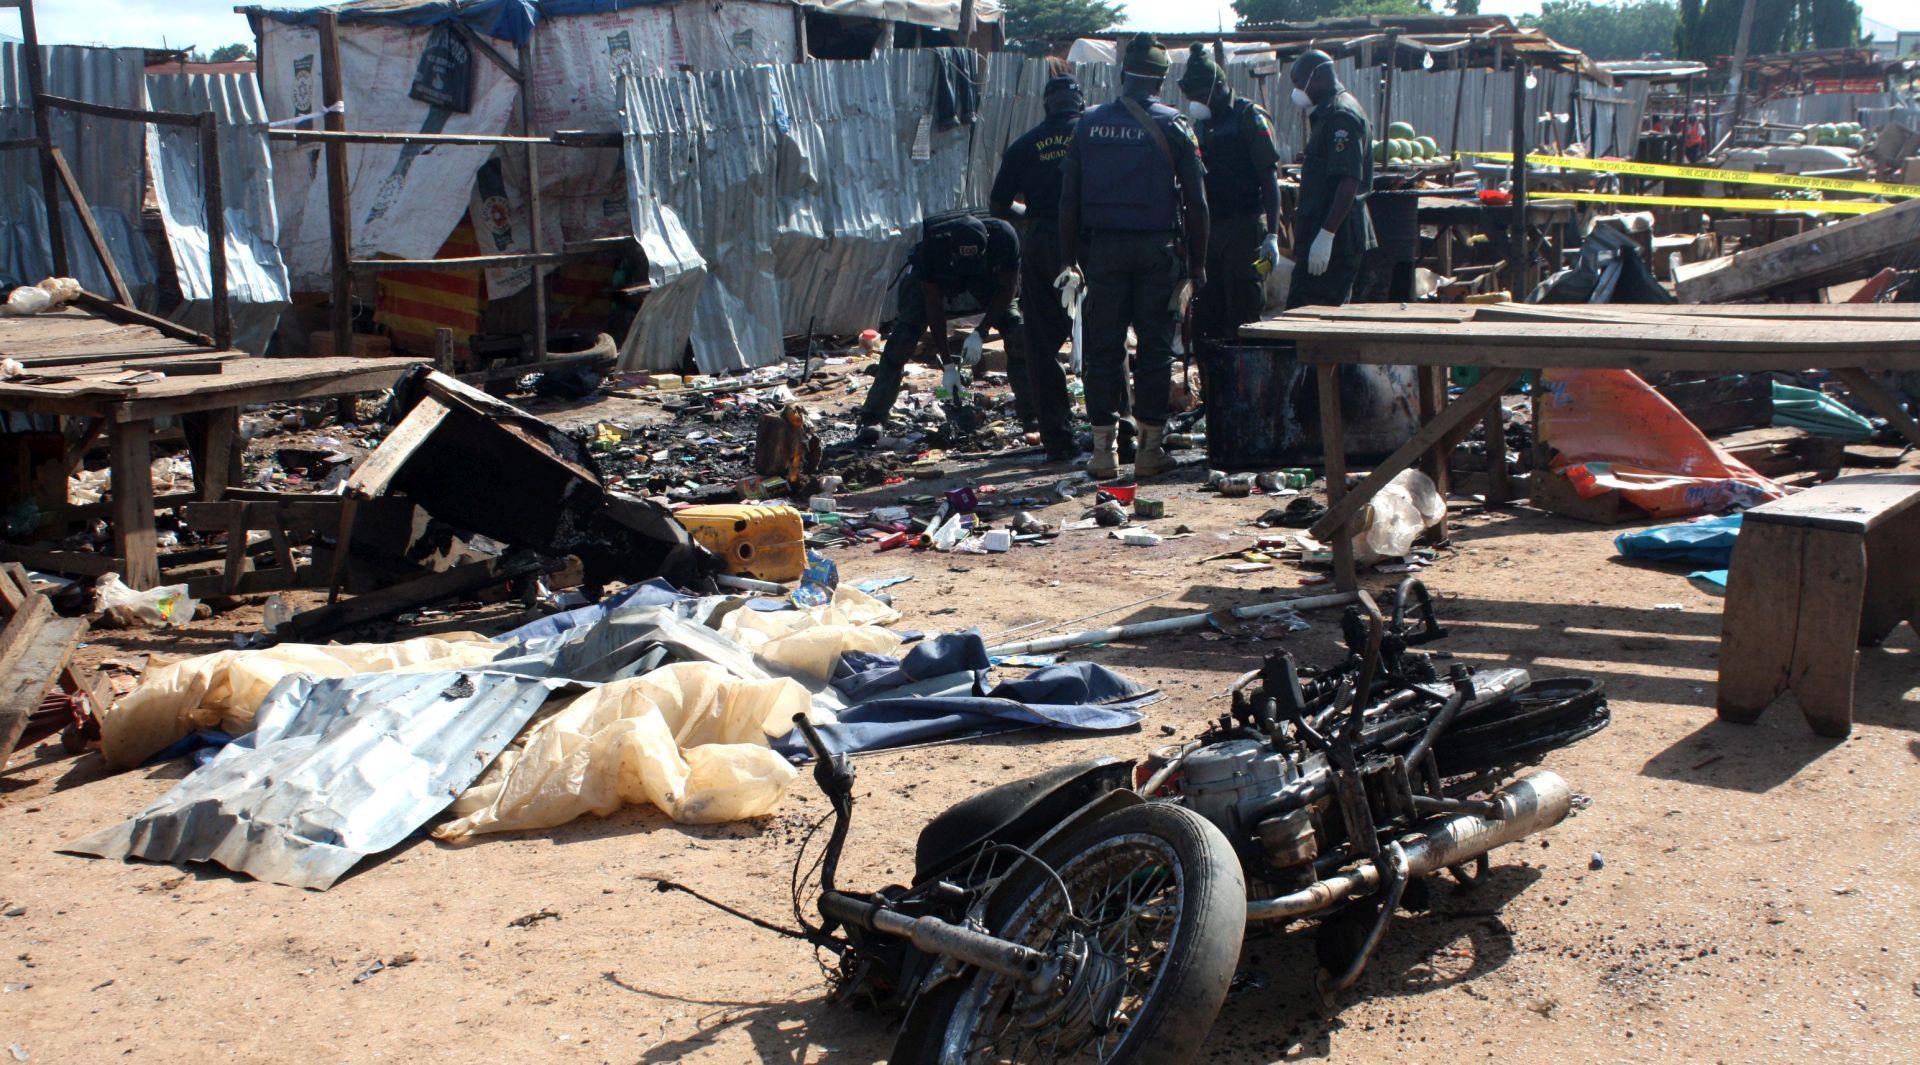 DVA BOMBAŠKA NAPADA Najmanje 37 ljudi poginulo u Nigeriji